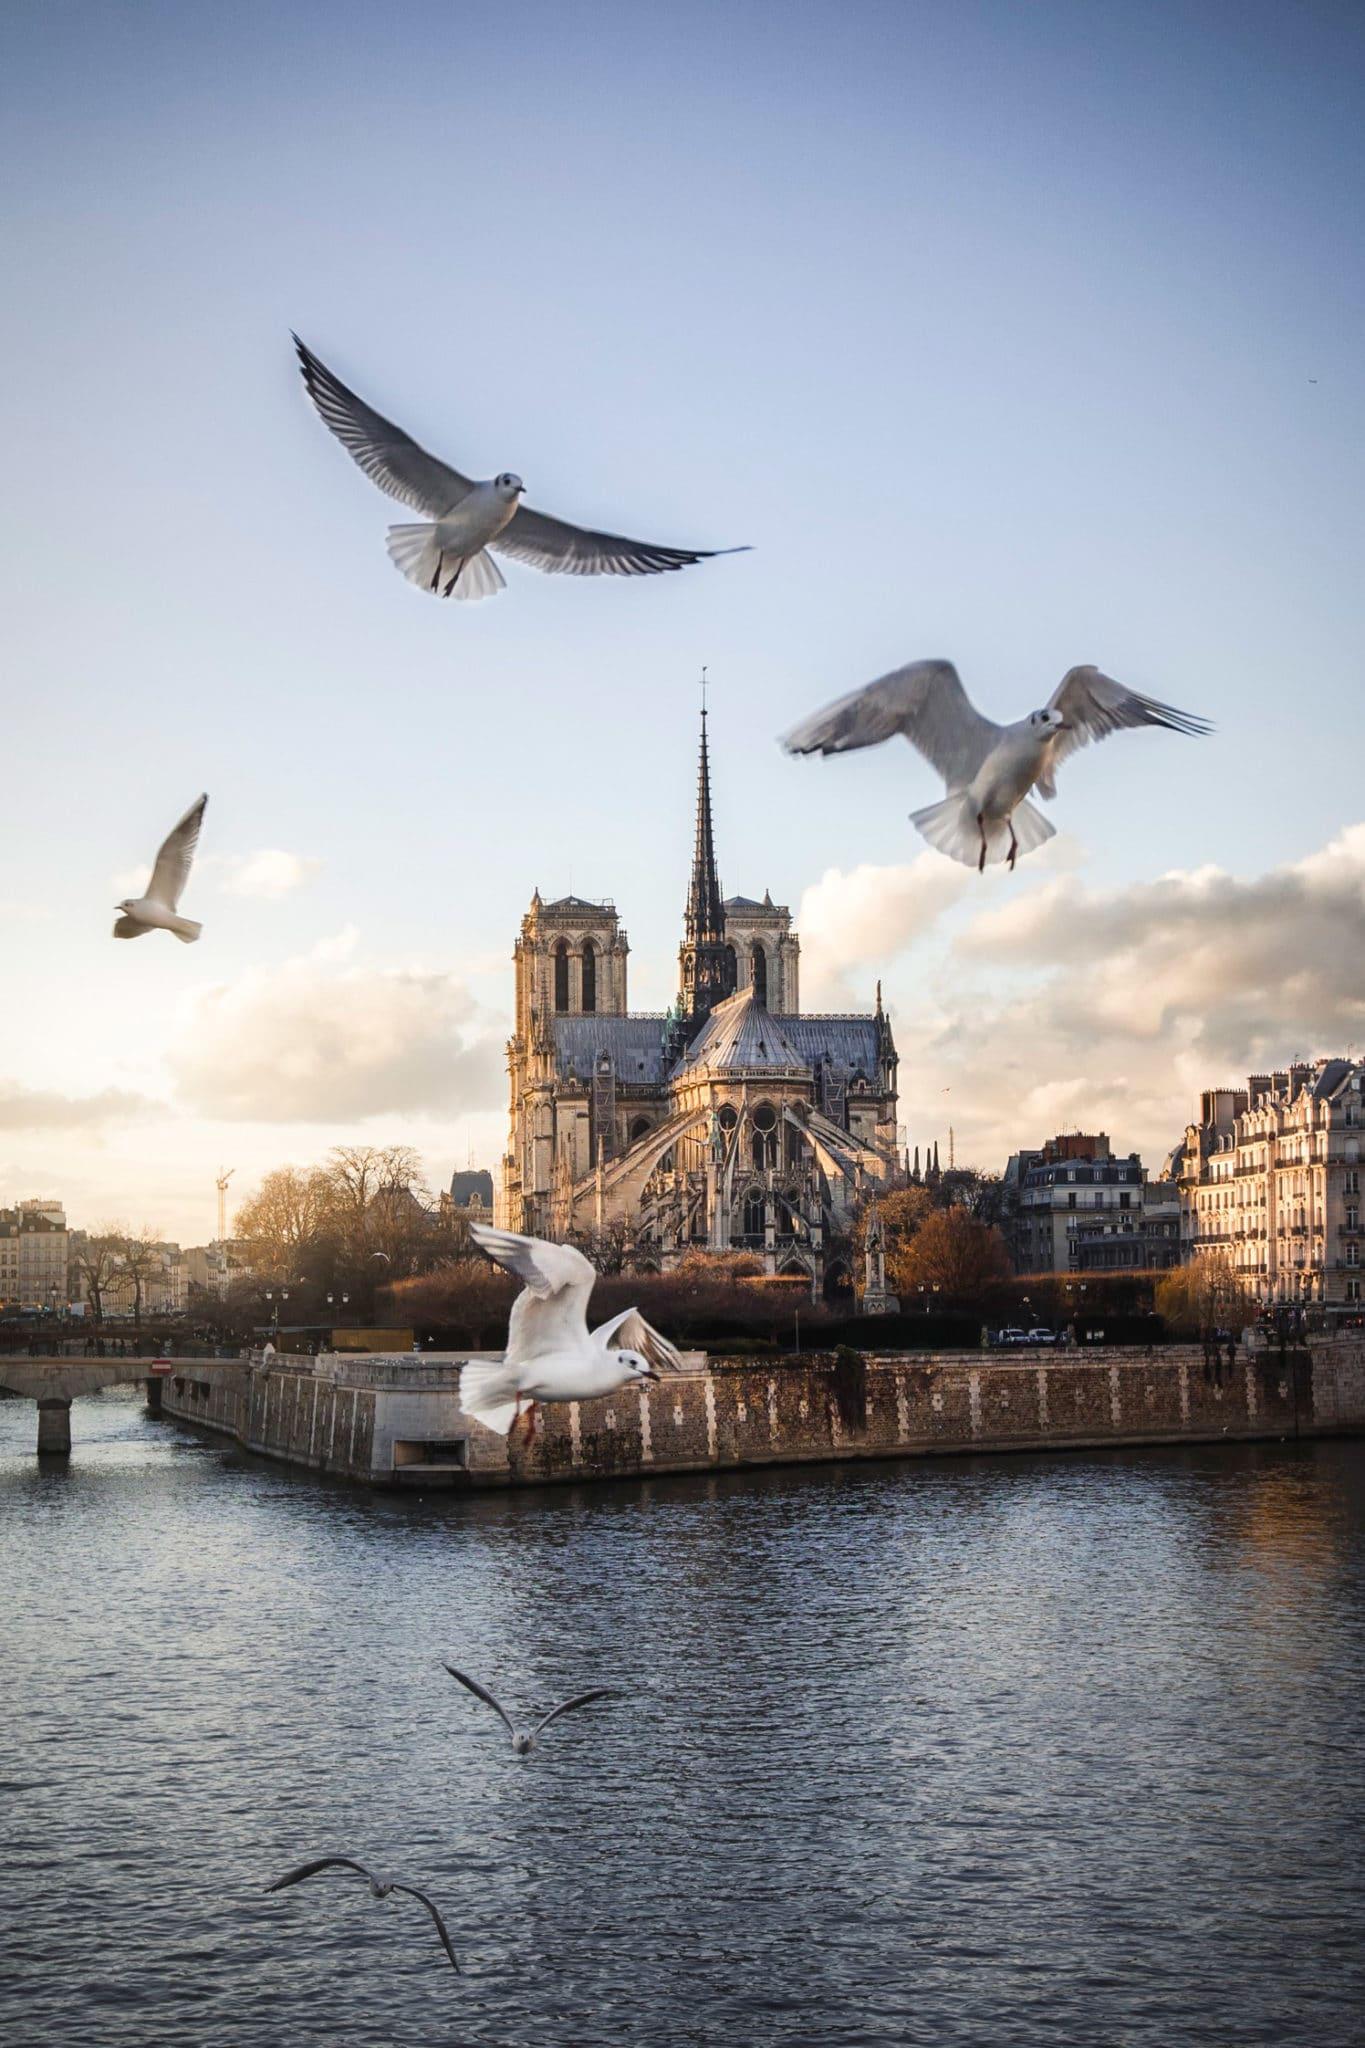 Vitesse d'obturation et netteté, Notre Dame, Paris pour illustrer l'article sur la vitesse d'obturation